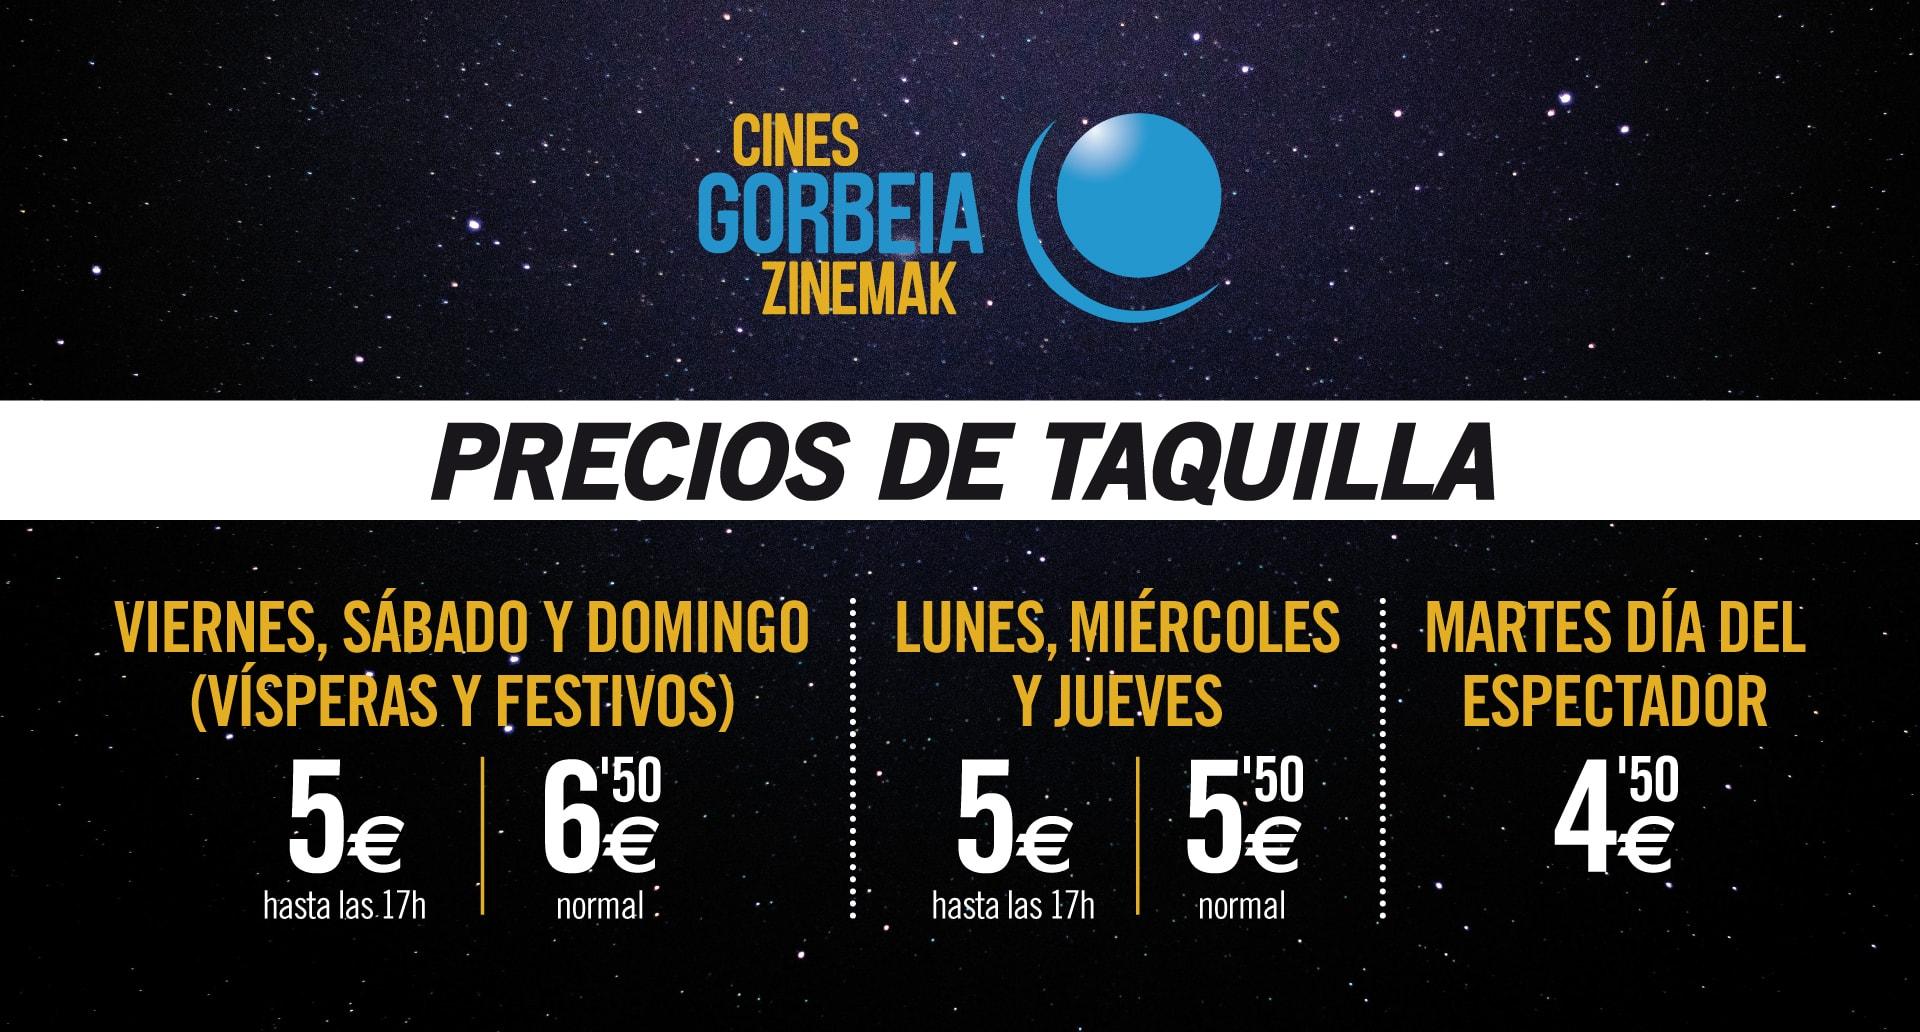 Precios de taquilla de Cines Gorbeia Zinemak